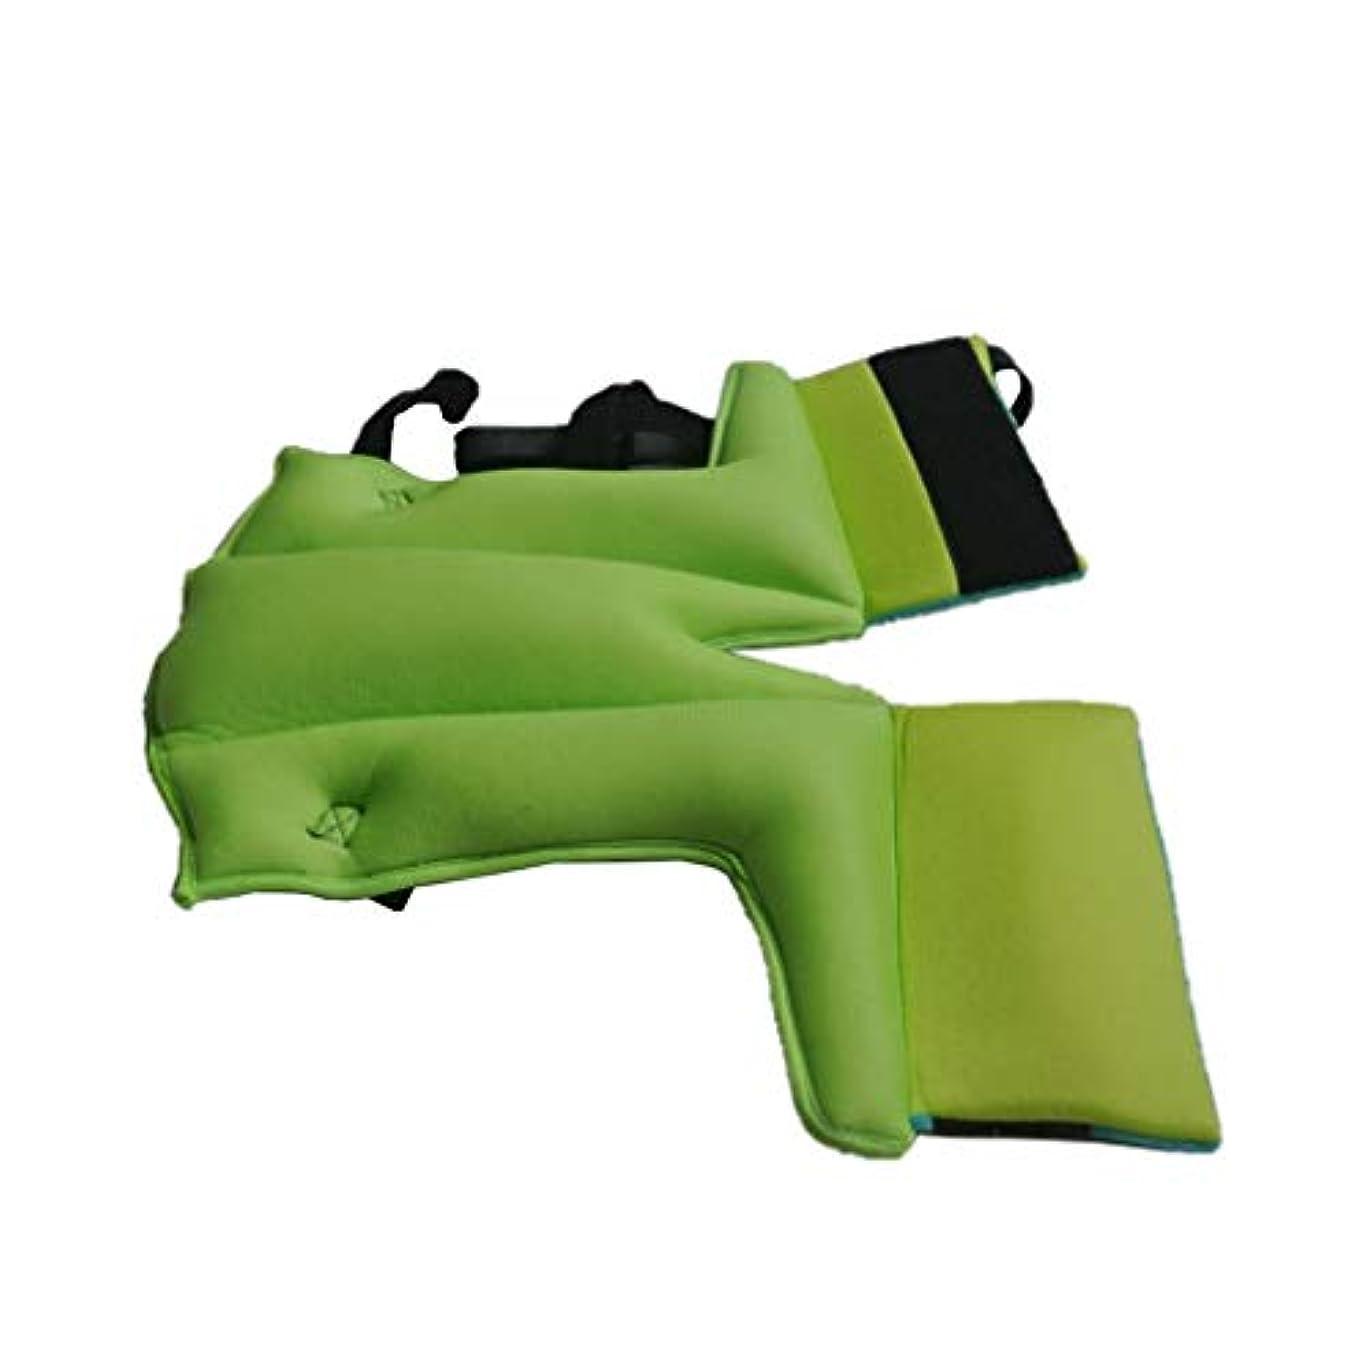 寺院靴フェミニンSUPVOX フットサポートピローヒールプロテクタークッションホームベッド用レッグウェッジピロー(ブルーグリーン)